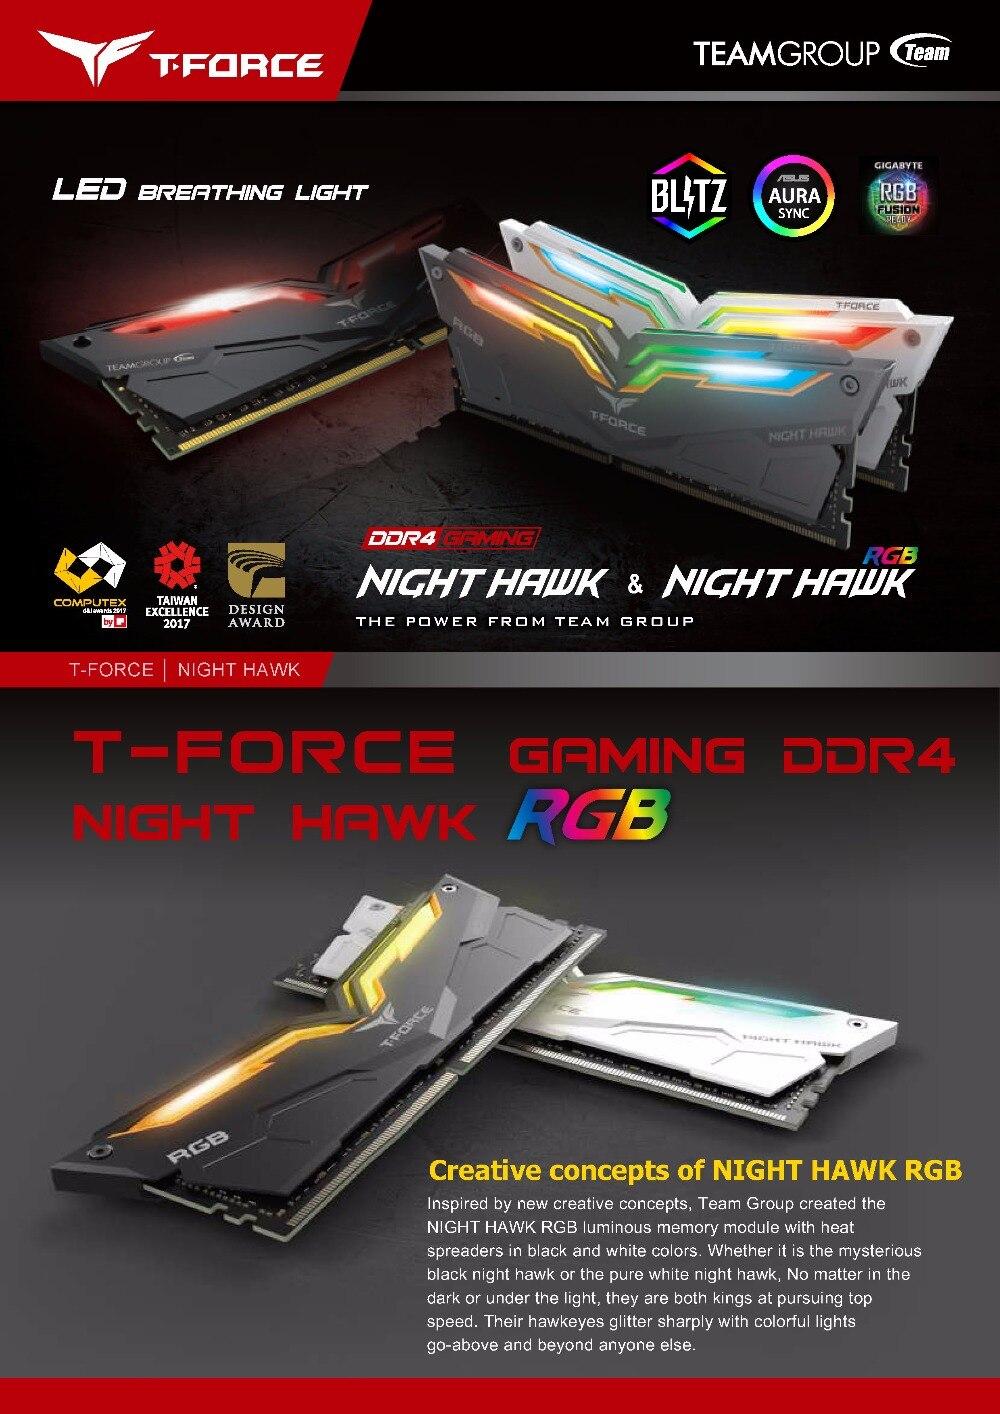 Équipe groupe nuit HAWK RGB DDR4 ordinateur de bureau de mémoire 8G 3000 MHz ordinateur de jeu RAMs 288 broches CL16 LED RAMs de jeu - 3